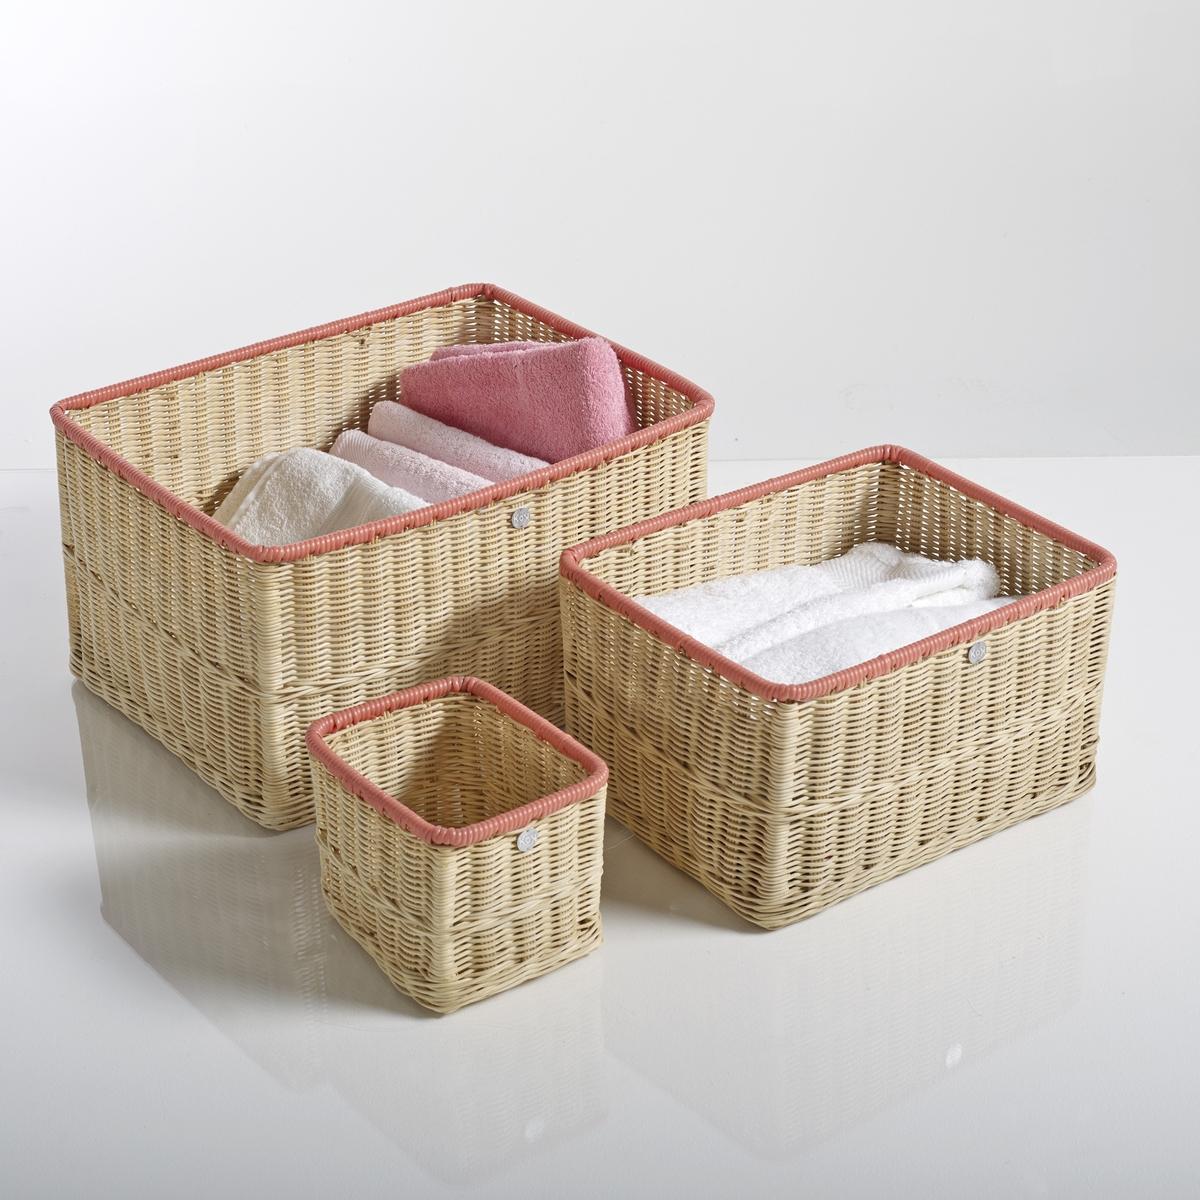 Корзинки для хранения вещей KOK Ozier ( 3 шт.)Корзинки для хранения вещей KOK Ozier, очень практичные, их можно использовать как контейнеры для одежды или как элемент декора  . Их можно использовать как в доме, так и за его пределами !Описание 3 корзинок для хранения вещей Ozier  :Плетеная корзина с цветным окаймлением .Характеристики 3 корзинок Ozier :Из сердцевины плетеного ротанга .Отделка из цветной природной смолы  .Найдите коллекцию для хранения вещей на нашем сайте  ..Размеры 3 корзинок для хранения вещей Ozier:Маленькая модель  : 20 x 15 x16 см .Средняя модель: 35 x 21 x 28 см Большая модель  : 45 x 25 x 36 см .Размер и вес с упаковкой:1 упаковка49 x 28 x 39 cm, 2,5 кг<br><br>Цвет: оранжевый